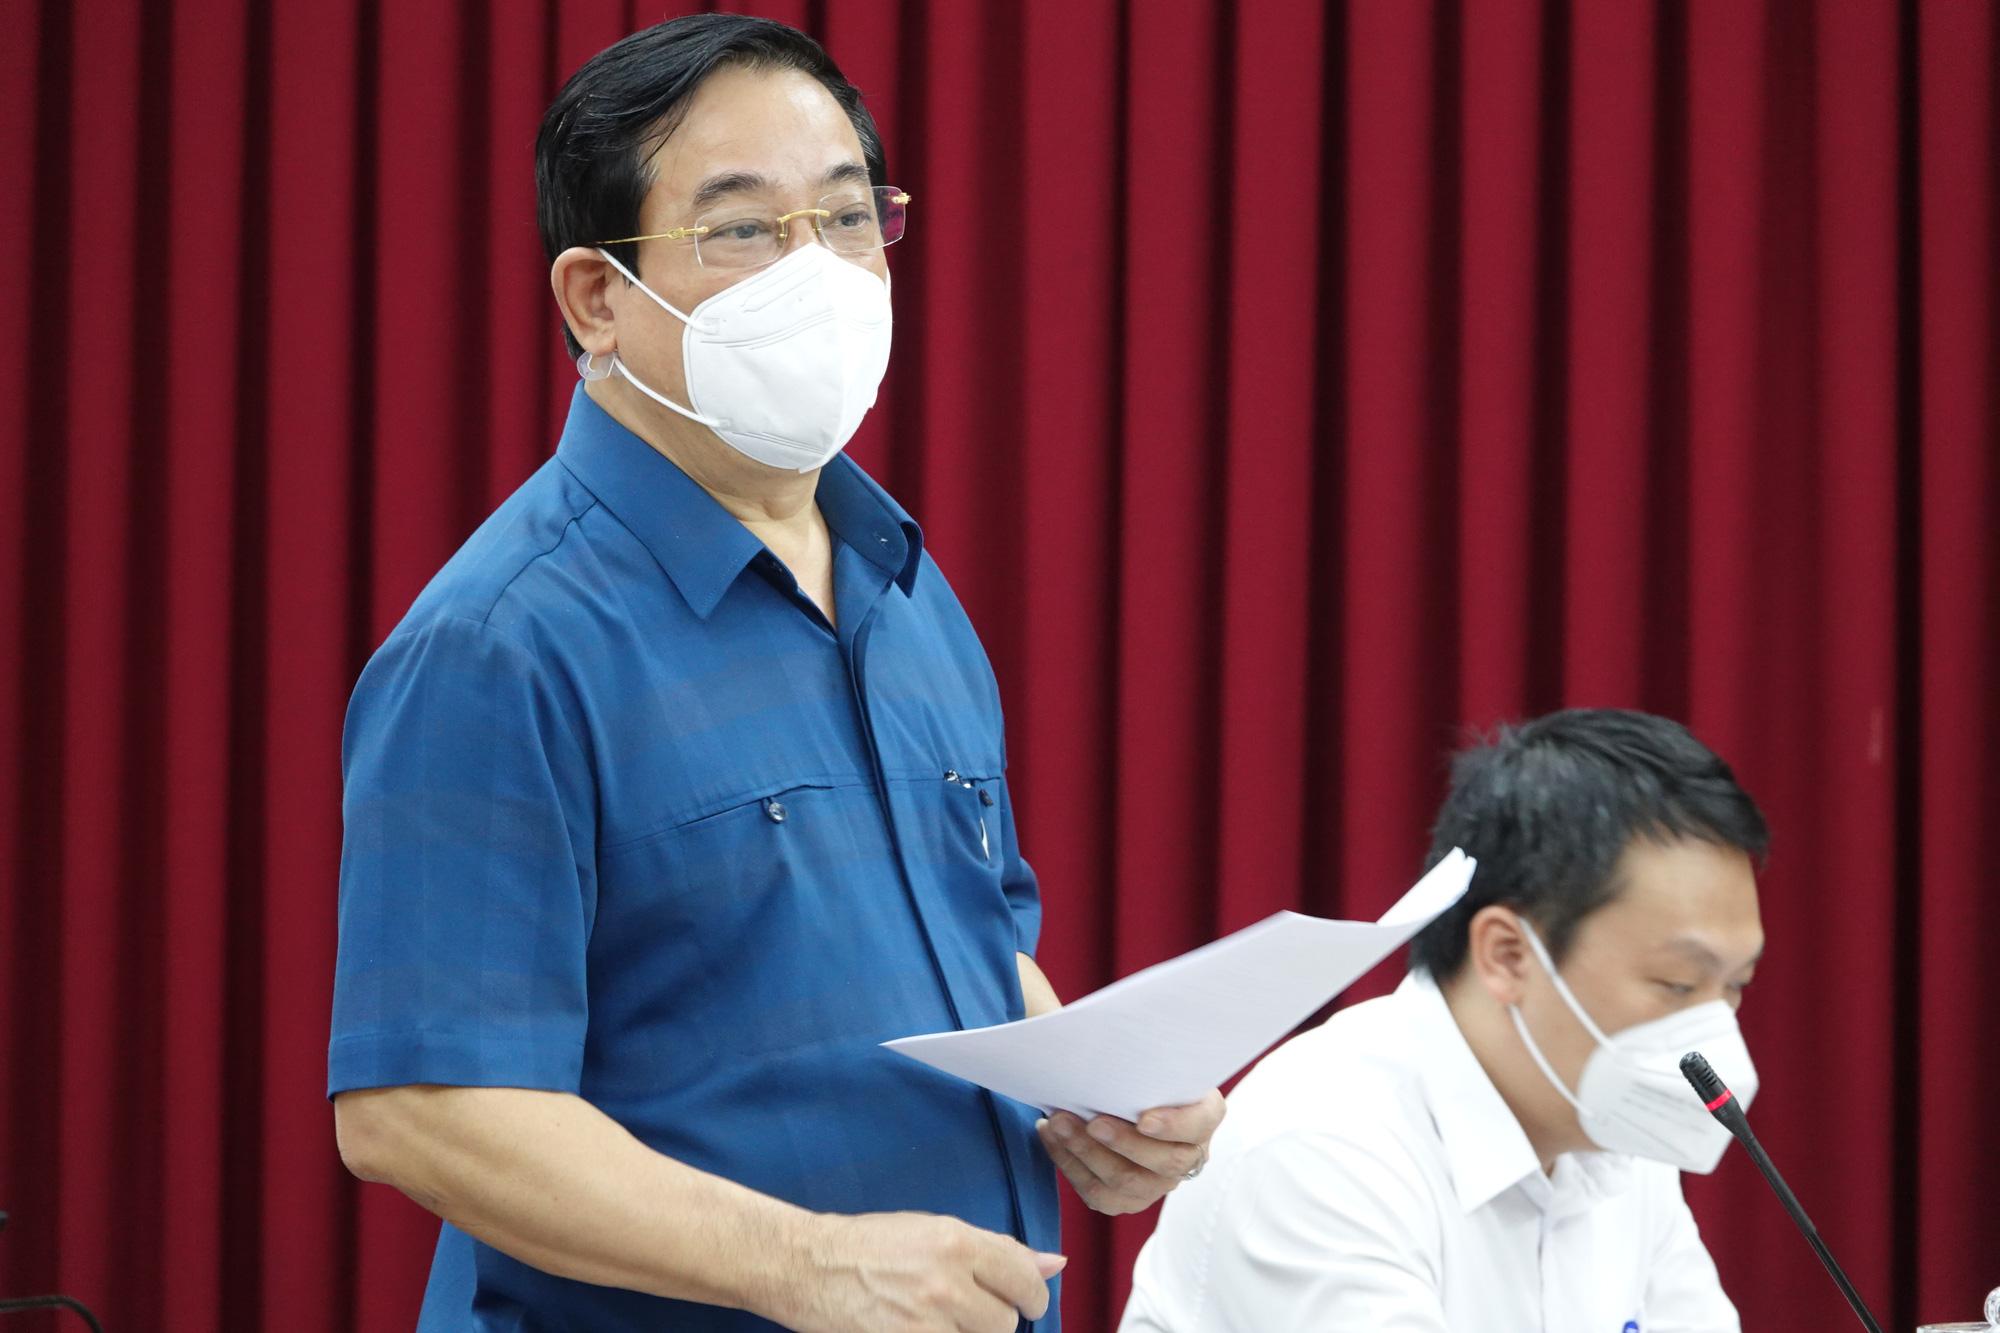 Bộ trưởng Bộ Y tế: Sẵn sàng đưa vào hoạt động Trung tâm hồi sức tích cực vùng 500 giường tại Cần Thơ - Ảnh 3.